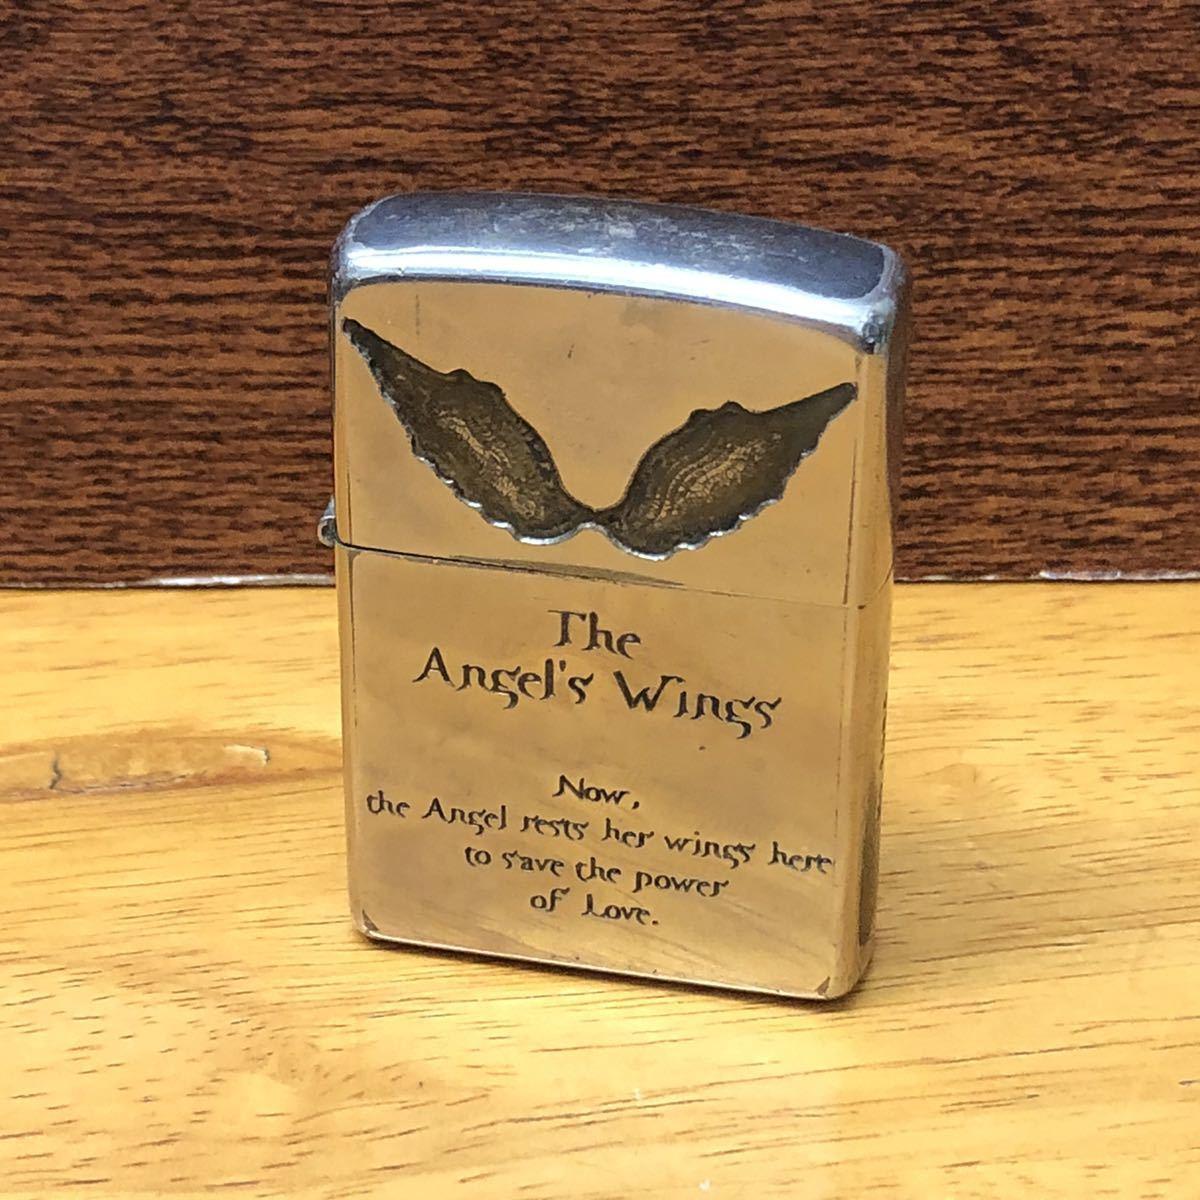 ★ コレクター必見!! ★ ZIPPO ジッポ The Angels Wings 2004年 10月製 オイルライター 喫煙具 ジッポー コレクション★CE0